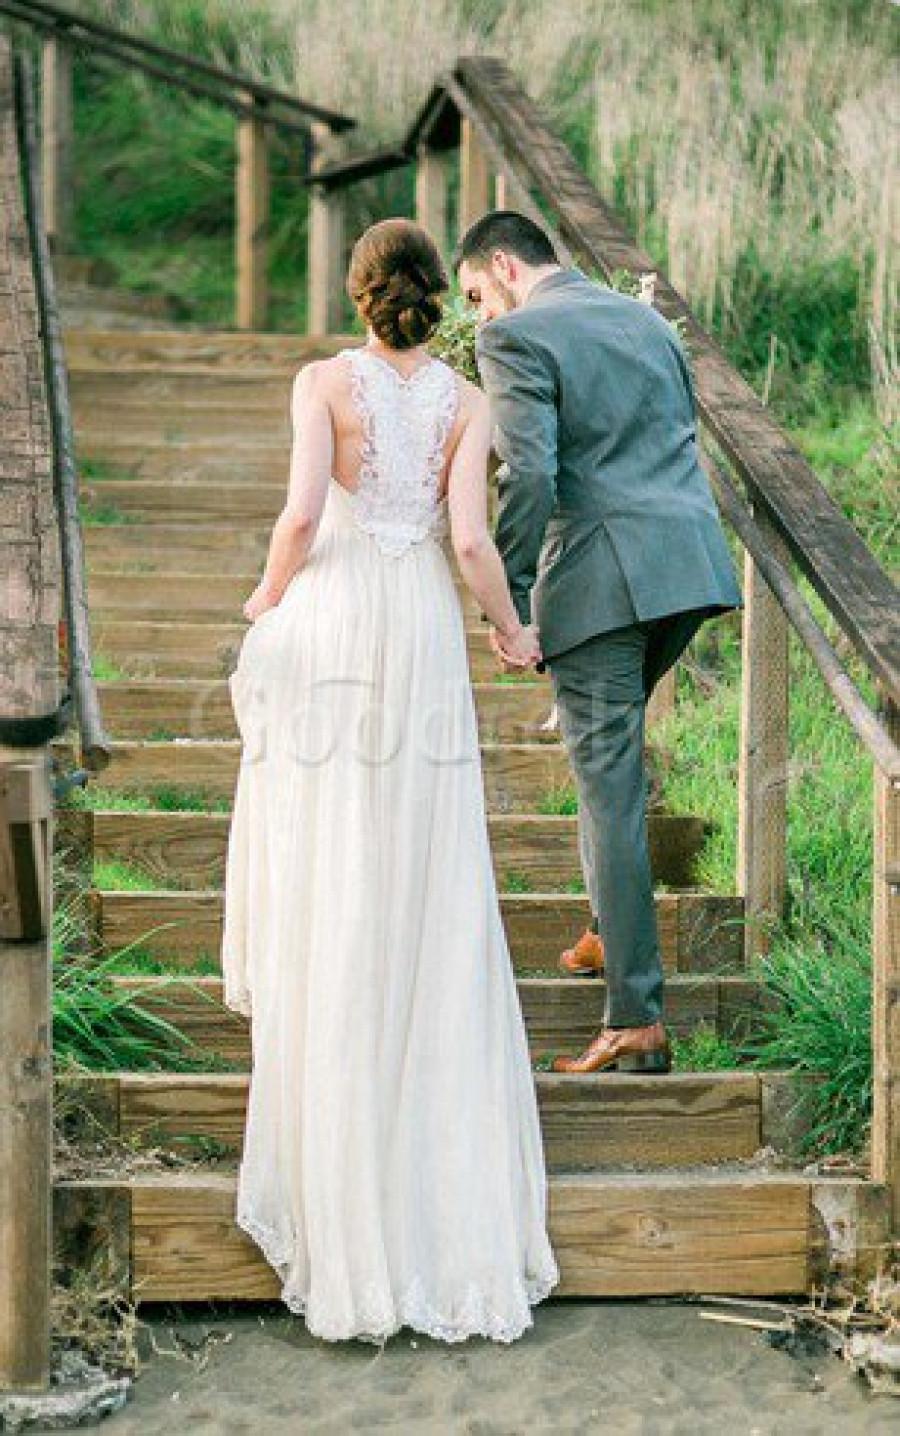 partez en lune de miel directement après votre mariage